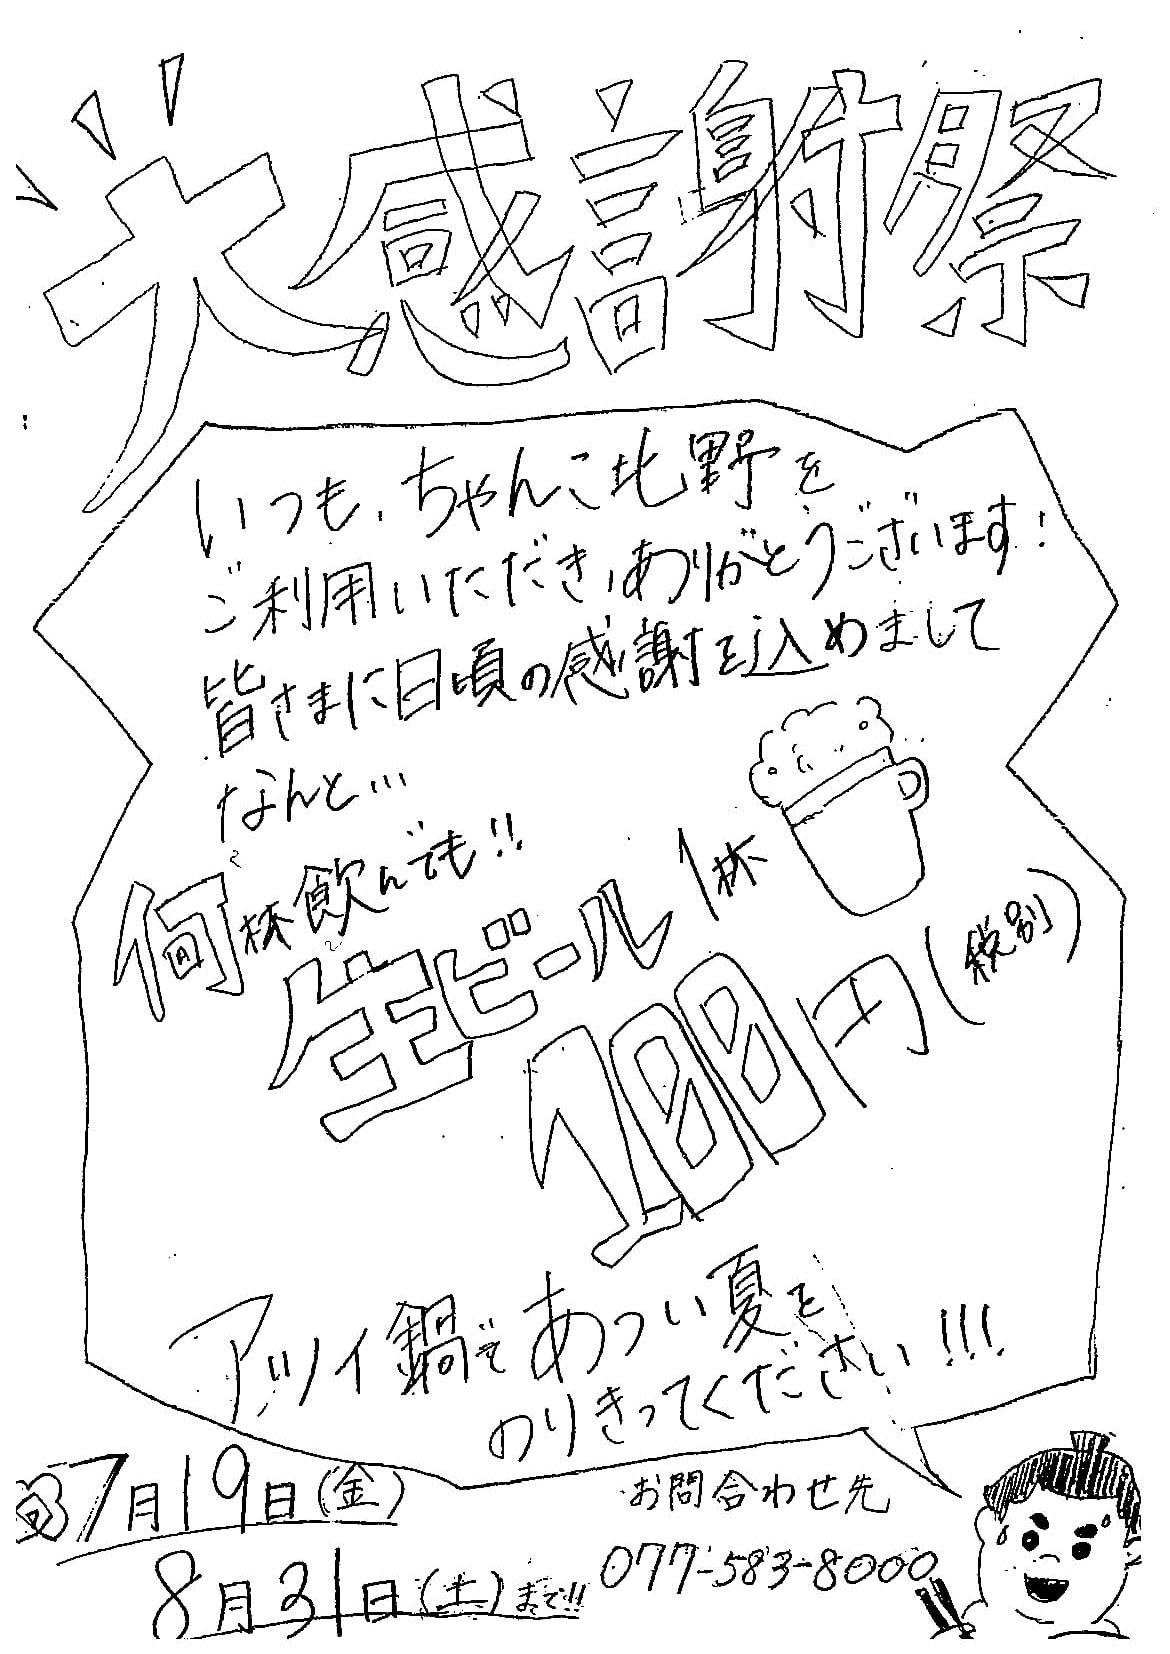 生ビール100円 大感謝祭開催中!